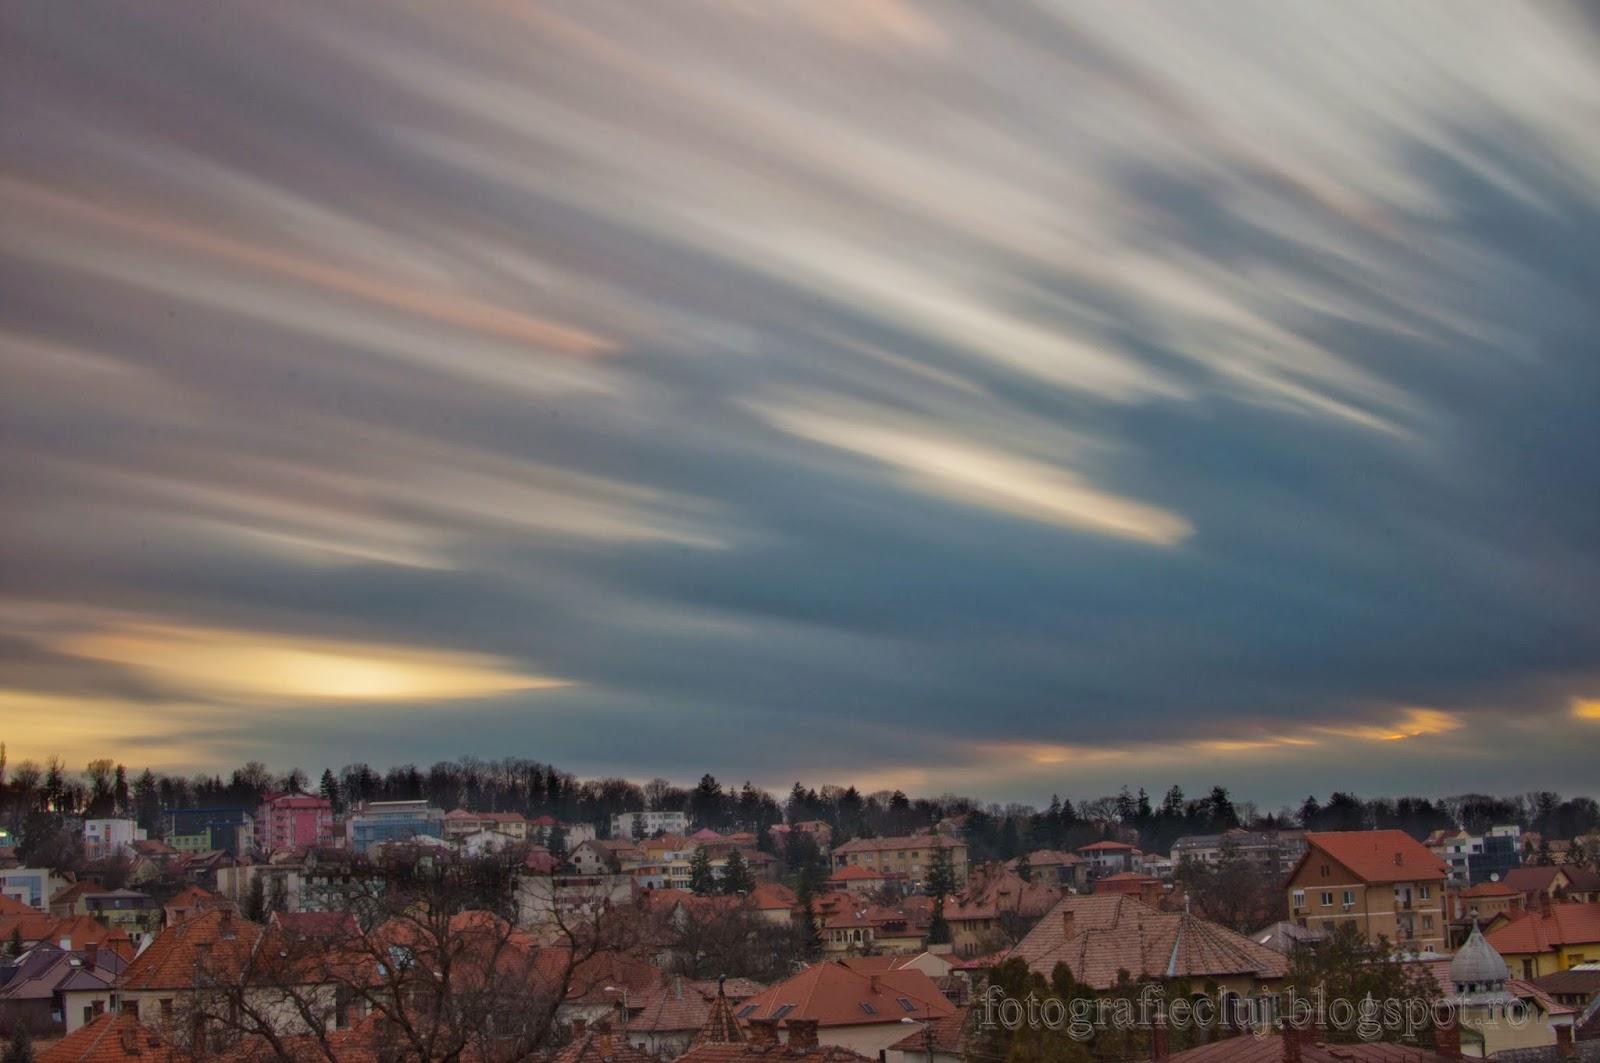 Trecerea norilor pe cer, fotografiată cu filtrul cu densitate neutră Hoya NDX400 _DSC8293